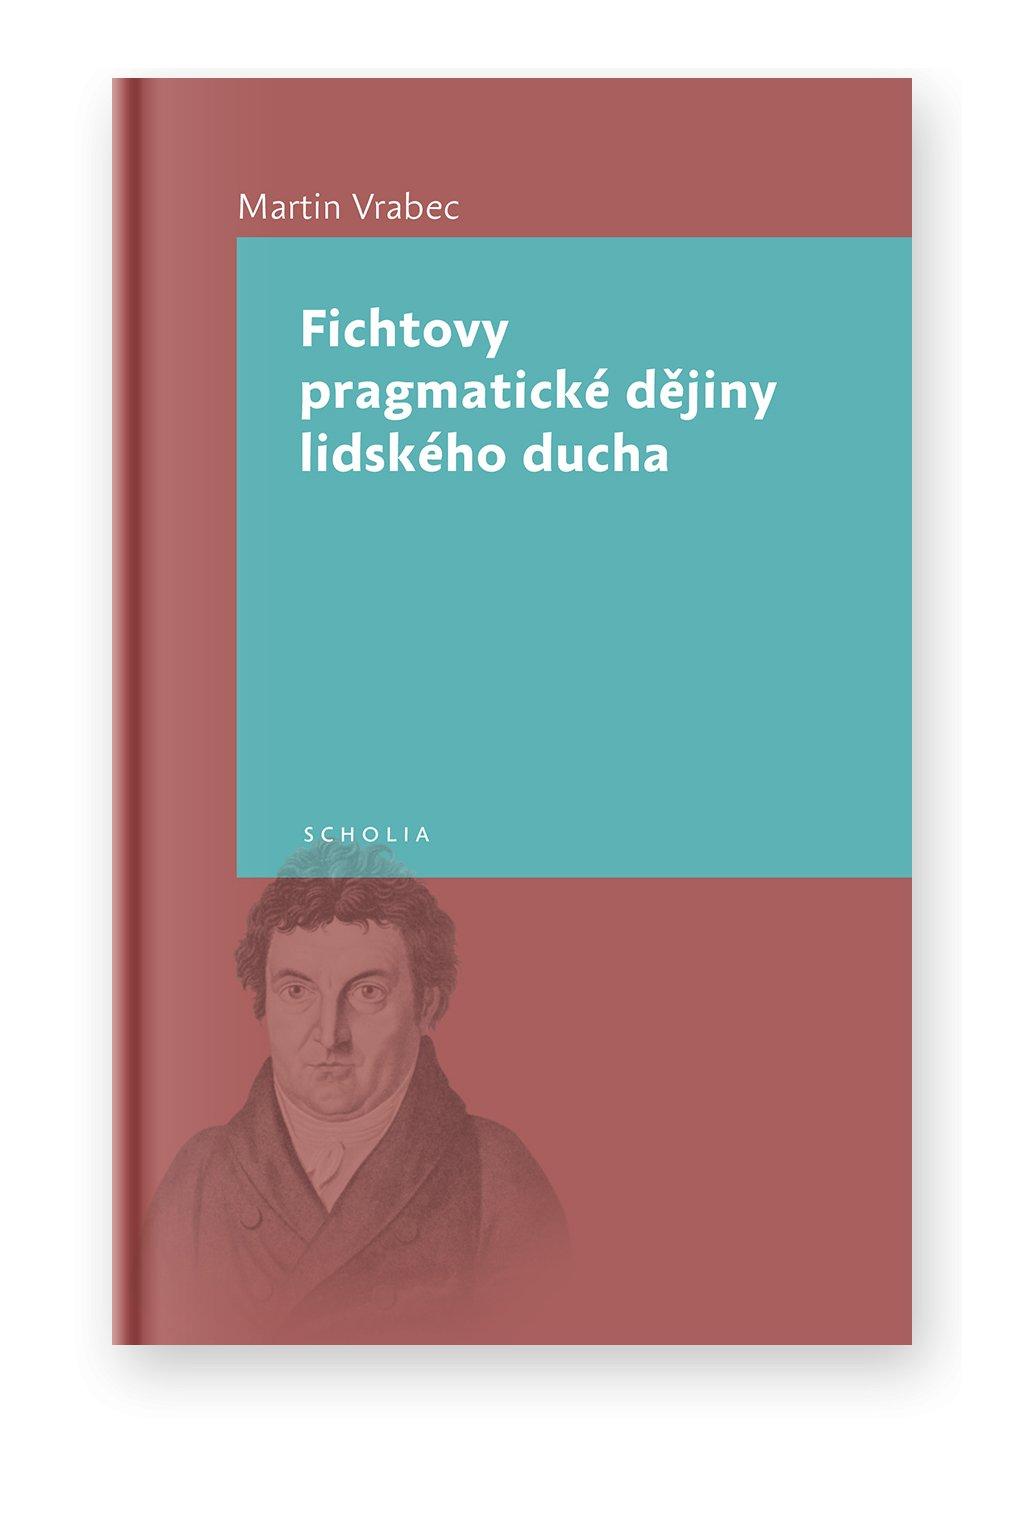 948 fichtovy pragmaticke dejiny lidskeho ducha